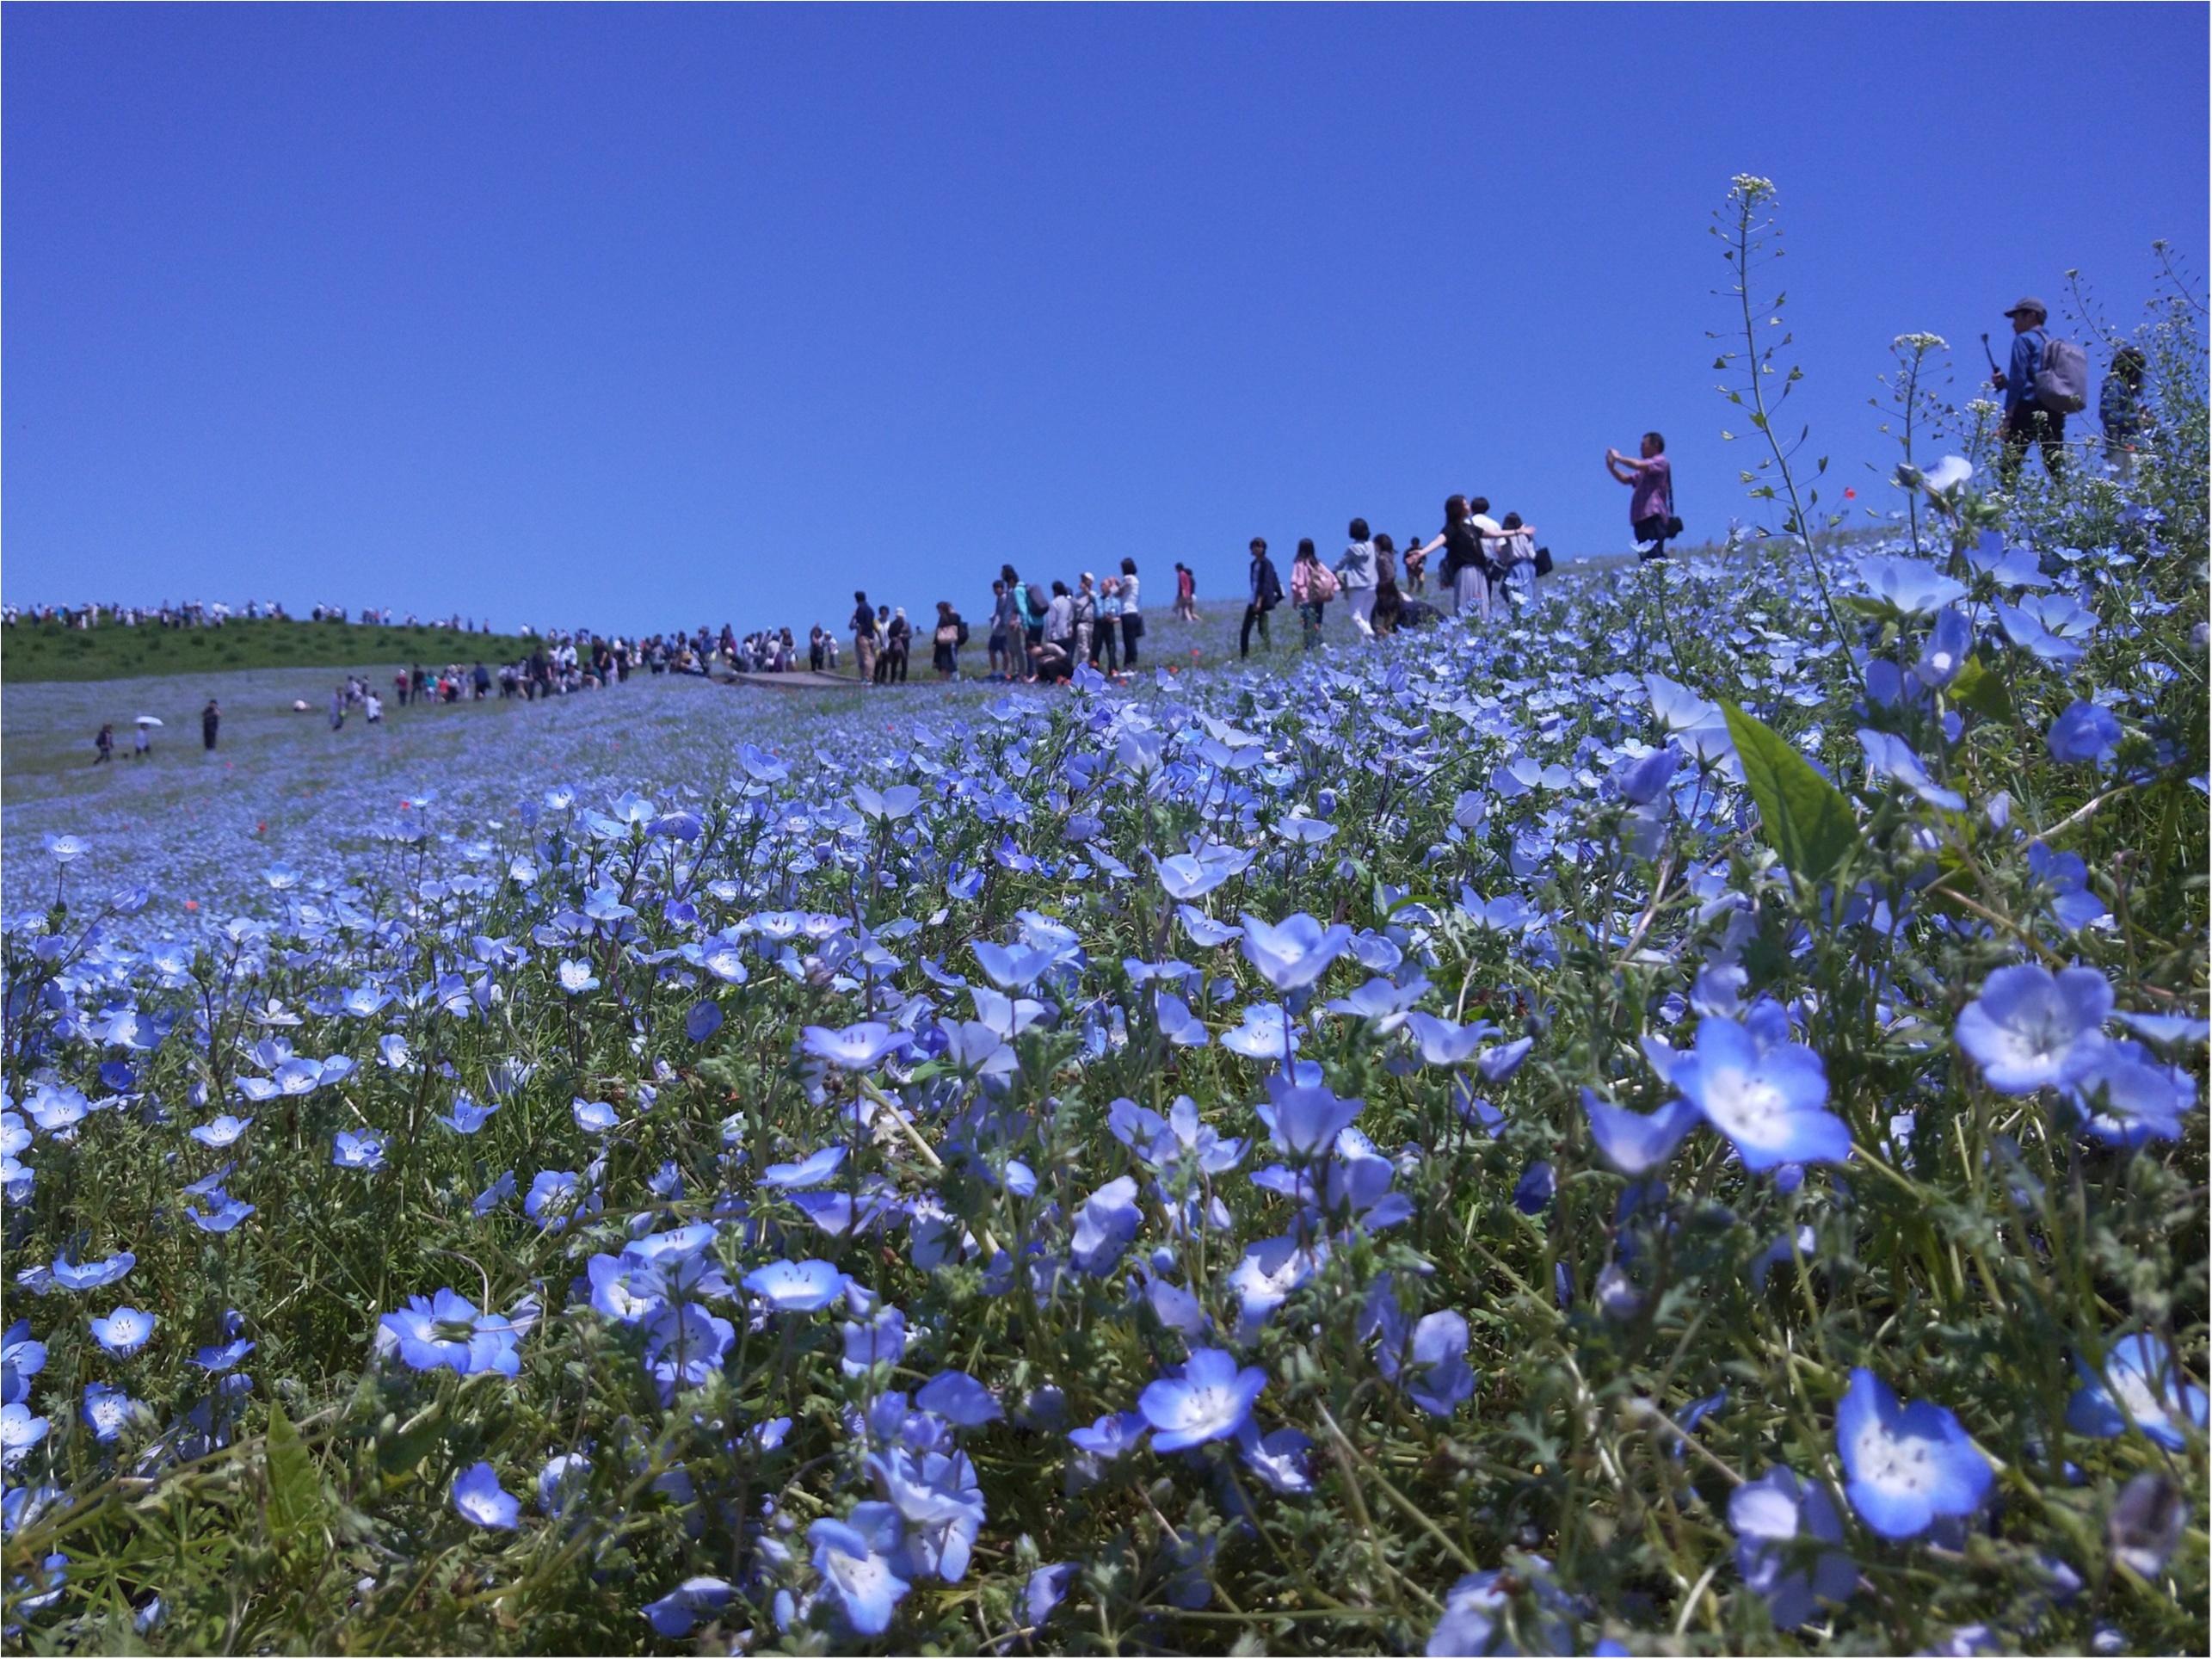 丘一面に広がる青い絨毯「ネモフィラ」観賞と新鮮な海鮮丼を食すバスツアー✨_1_1